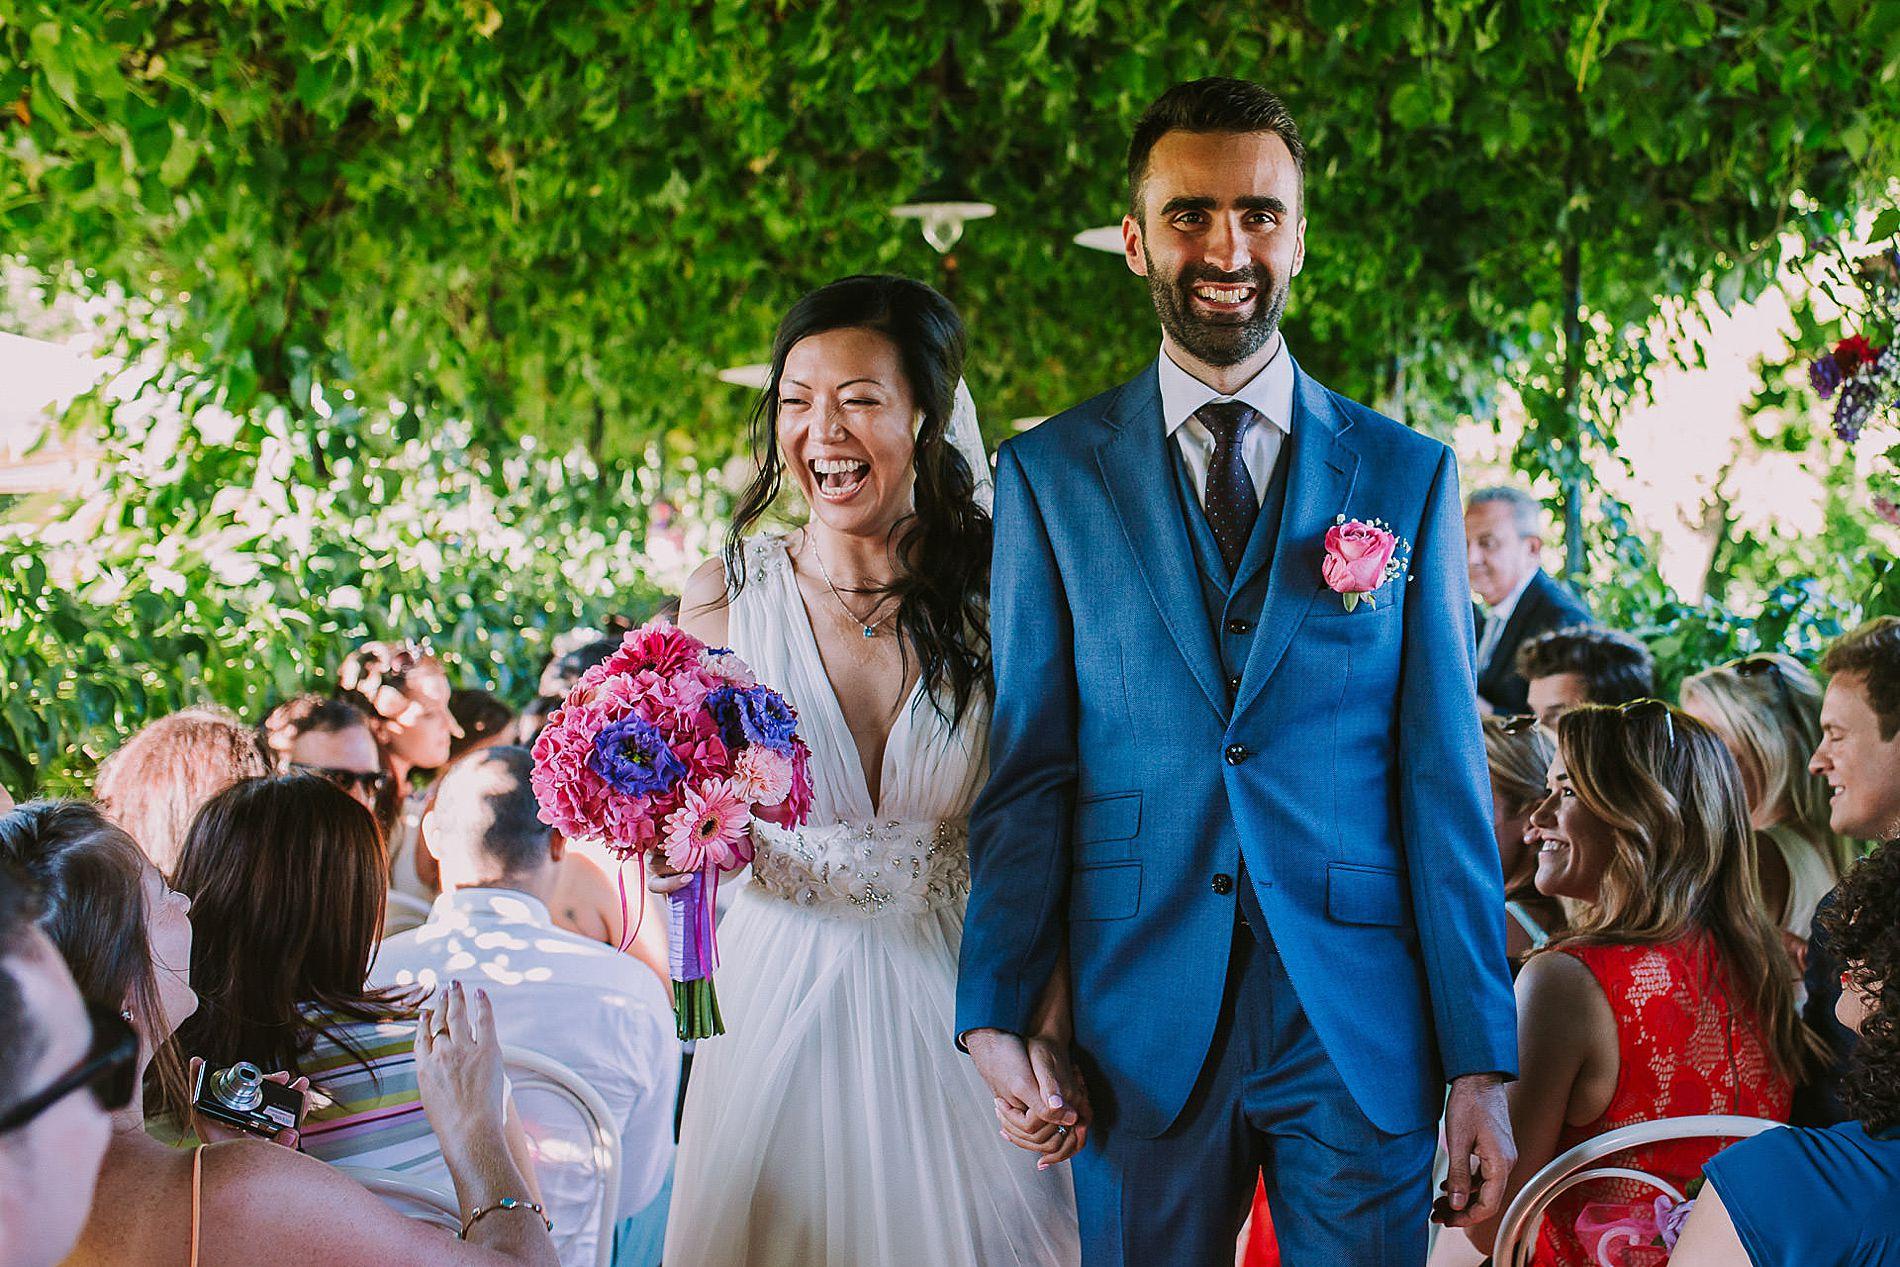 Lancashire-wedding-photography-2018-23